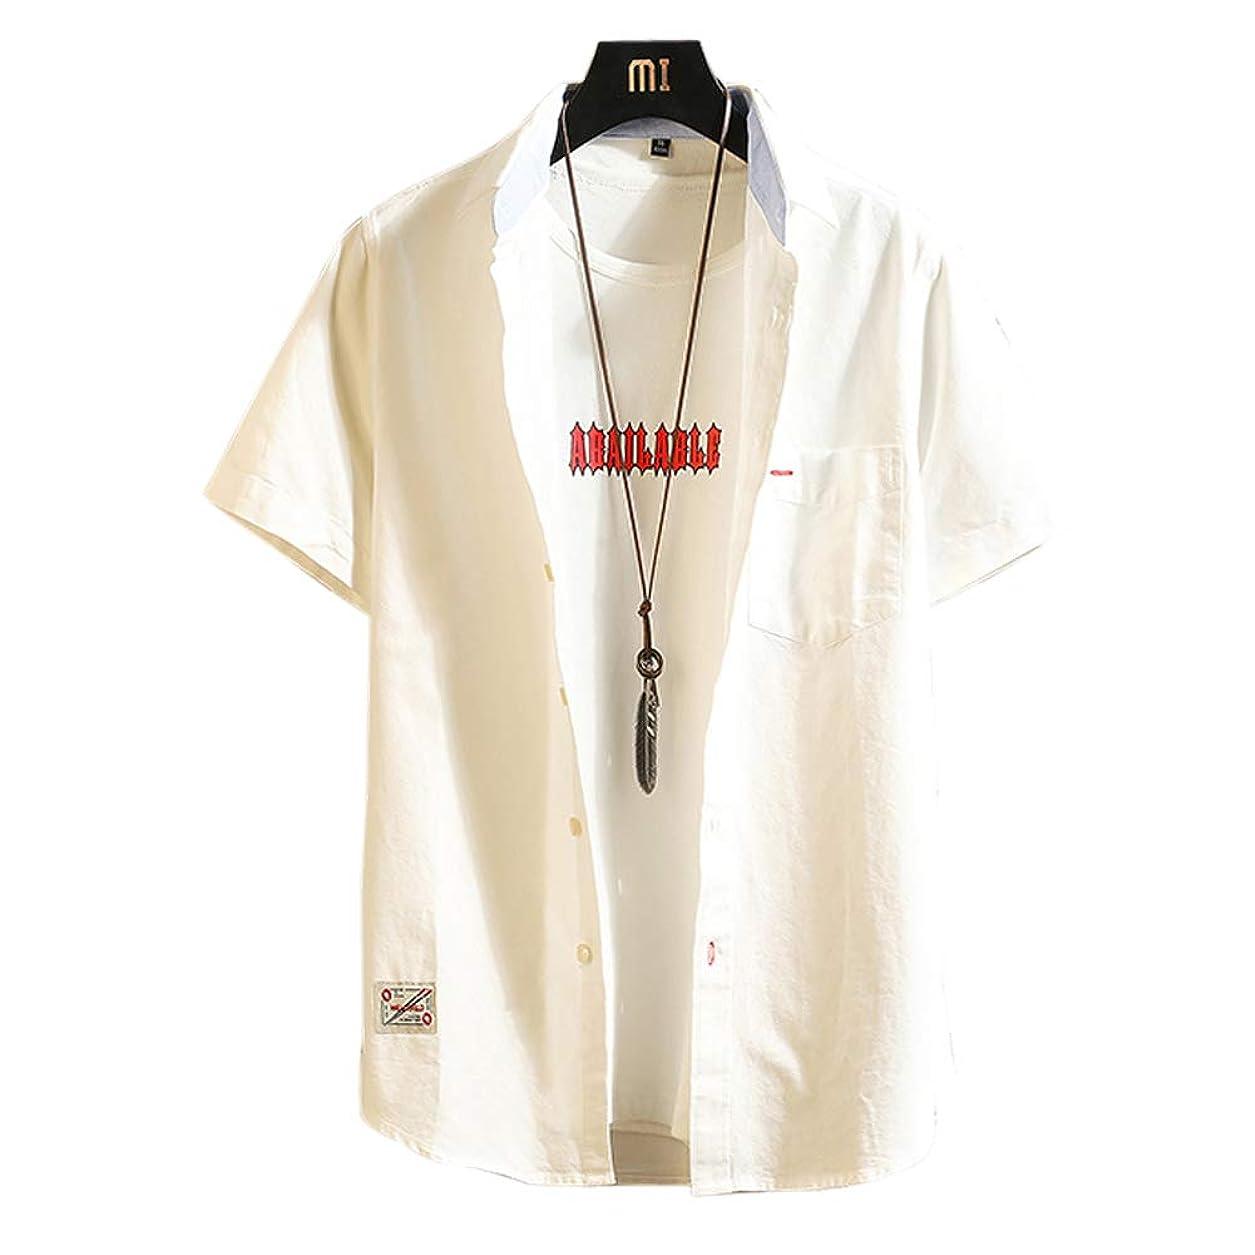 餌ナサニエル区サイクロプスIKFSDFシャツ メンズ 半袖 夏 カジュアル ビジネス 大きい サイズ 無地 シャツ